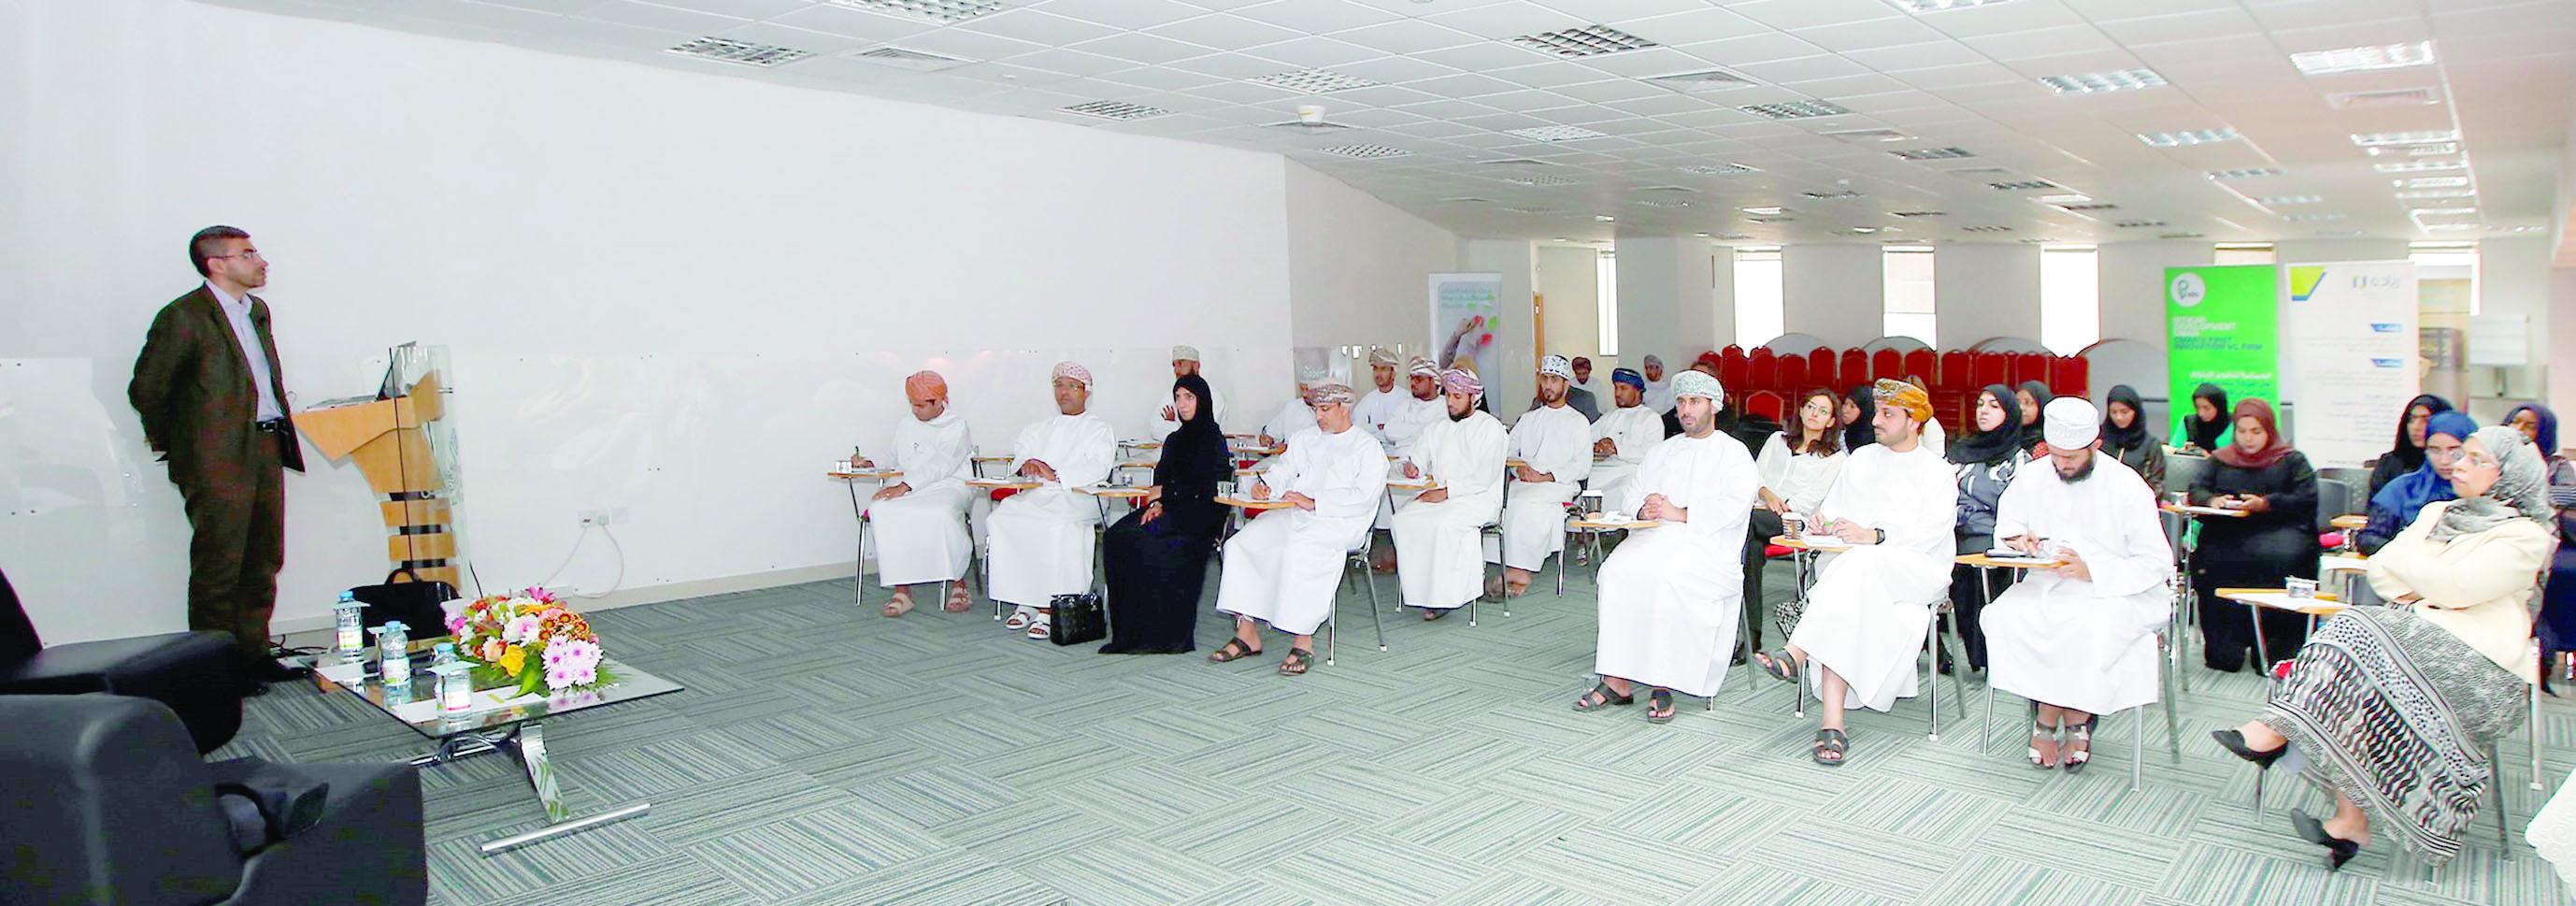 """""""ابتكار عمان"""" تشرح آلية الاستثمار الناجح في المشاريع الجديدة"""